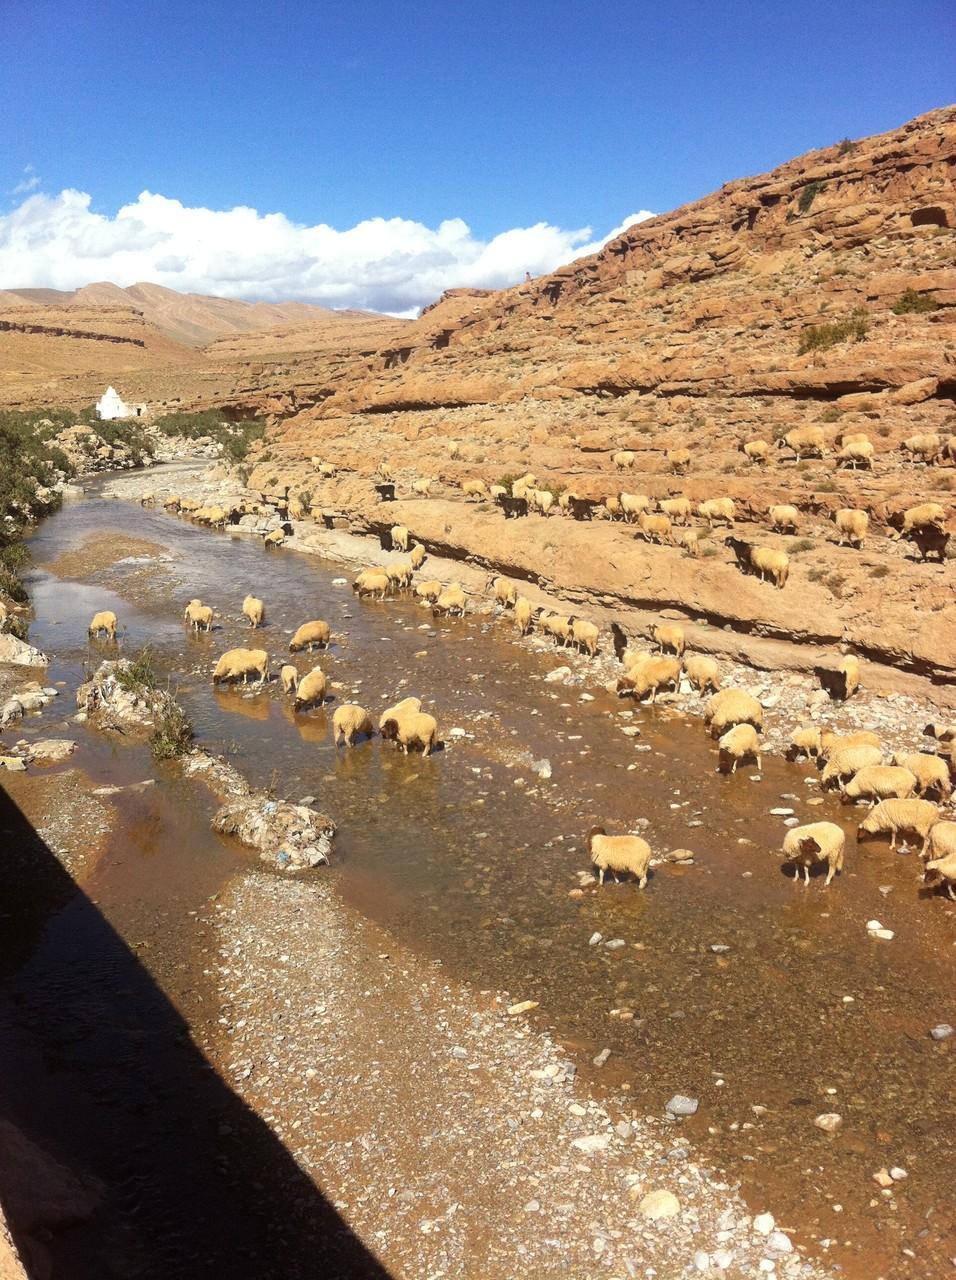 les moutons qui se désaltèrent dans le courant d'une onde claire